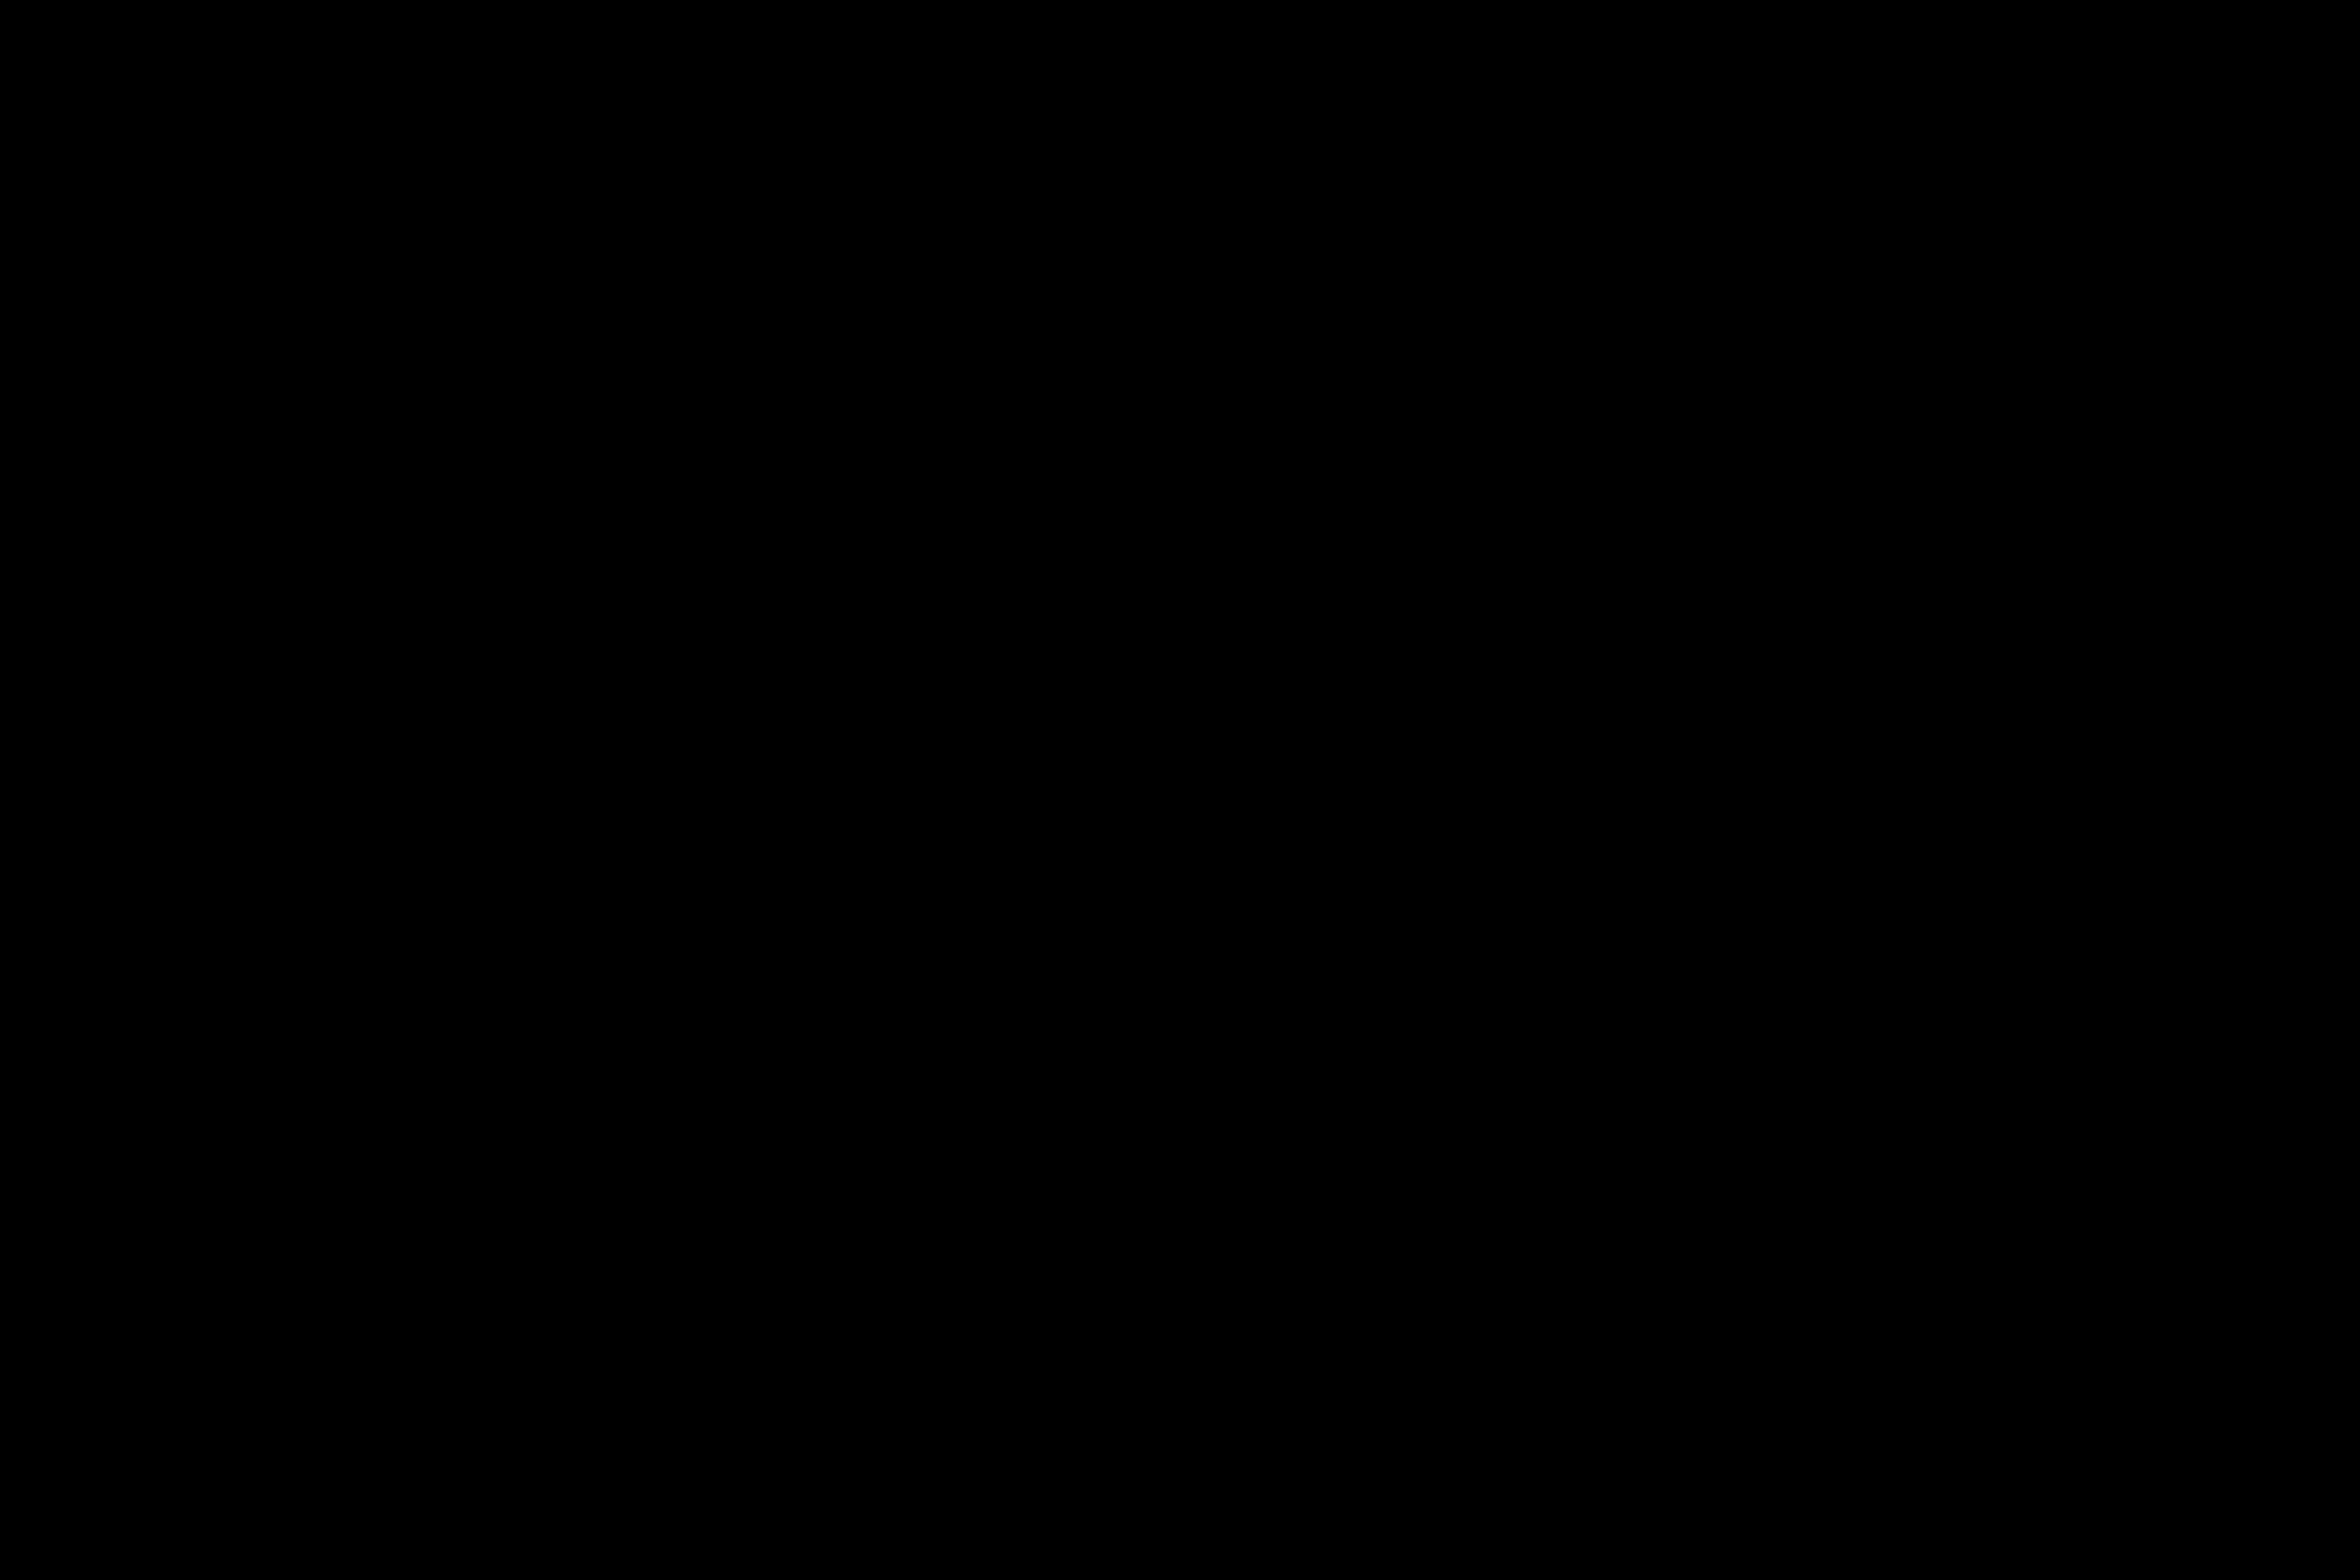 アウロ、天然成分100%の壁紙用接着剤を発売